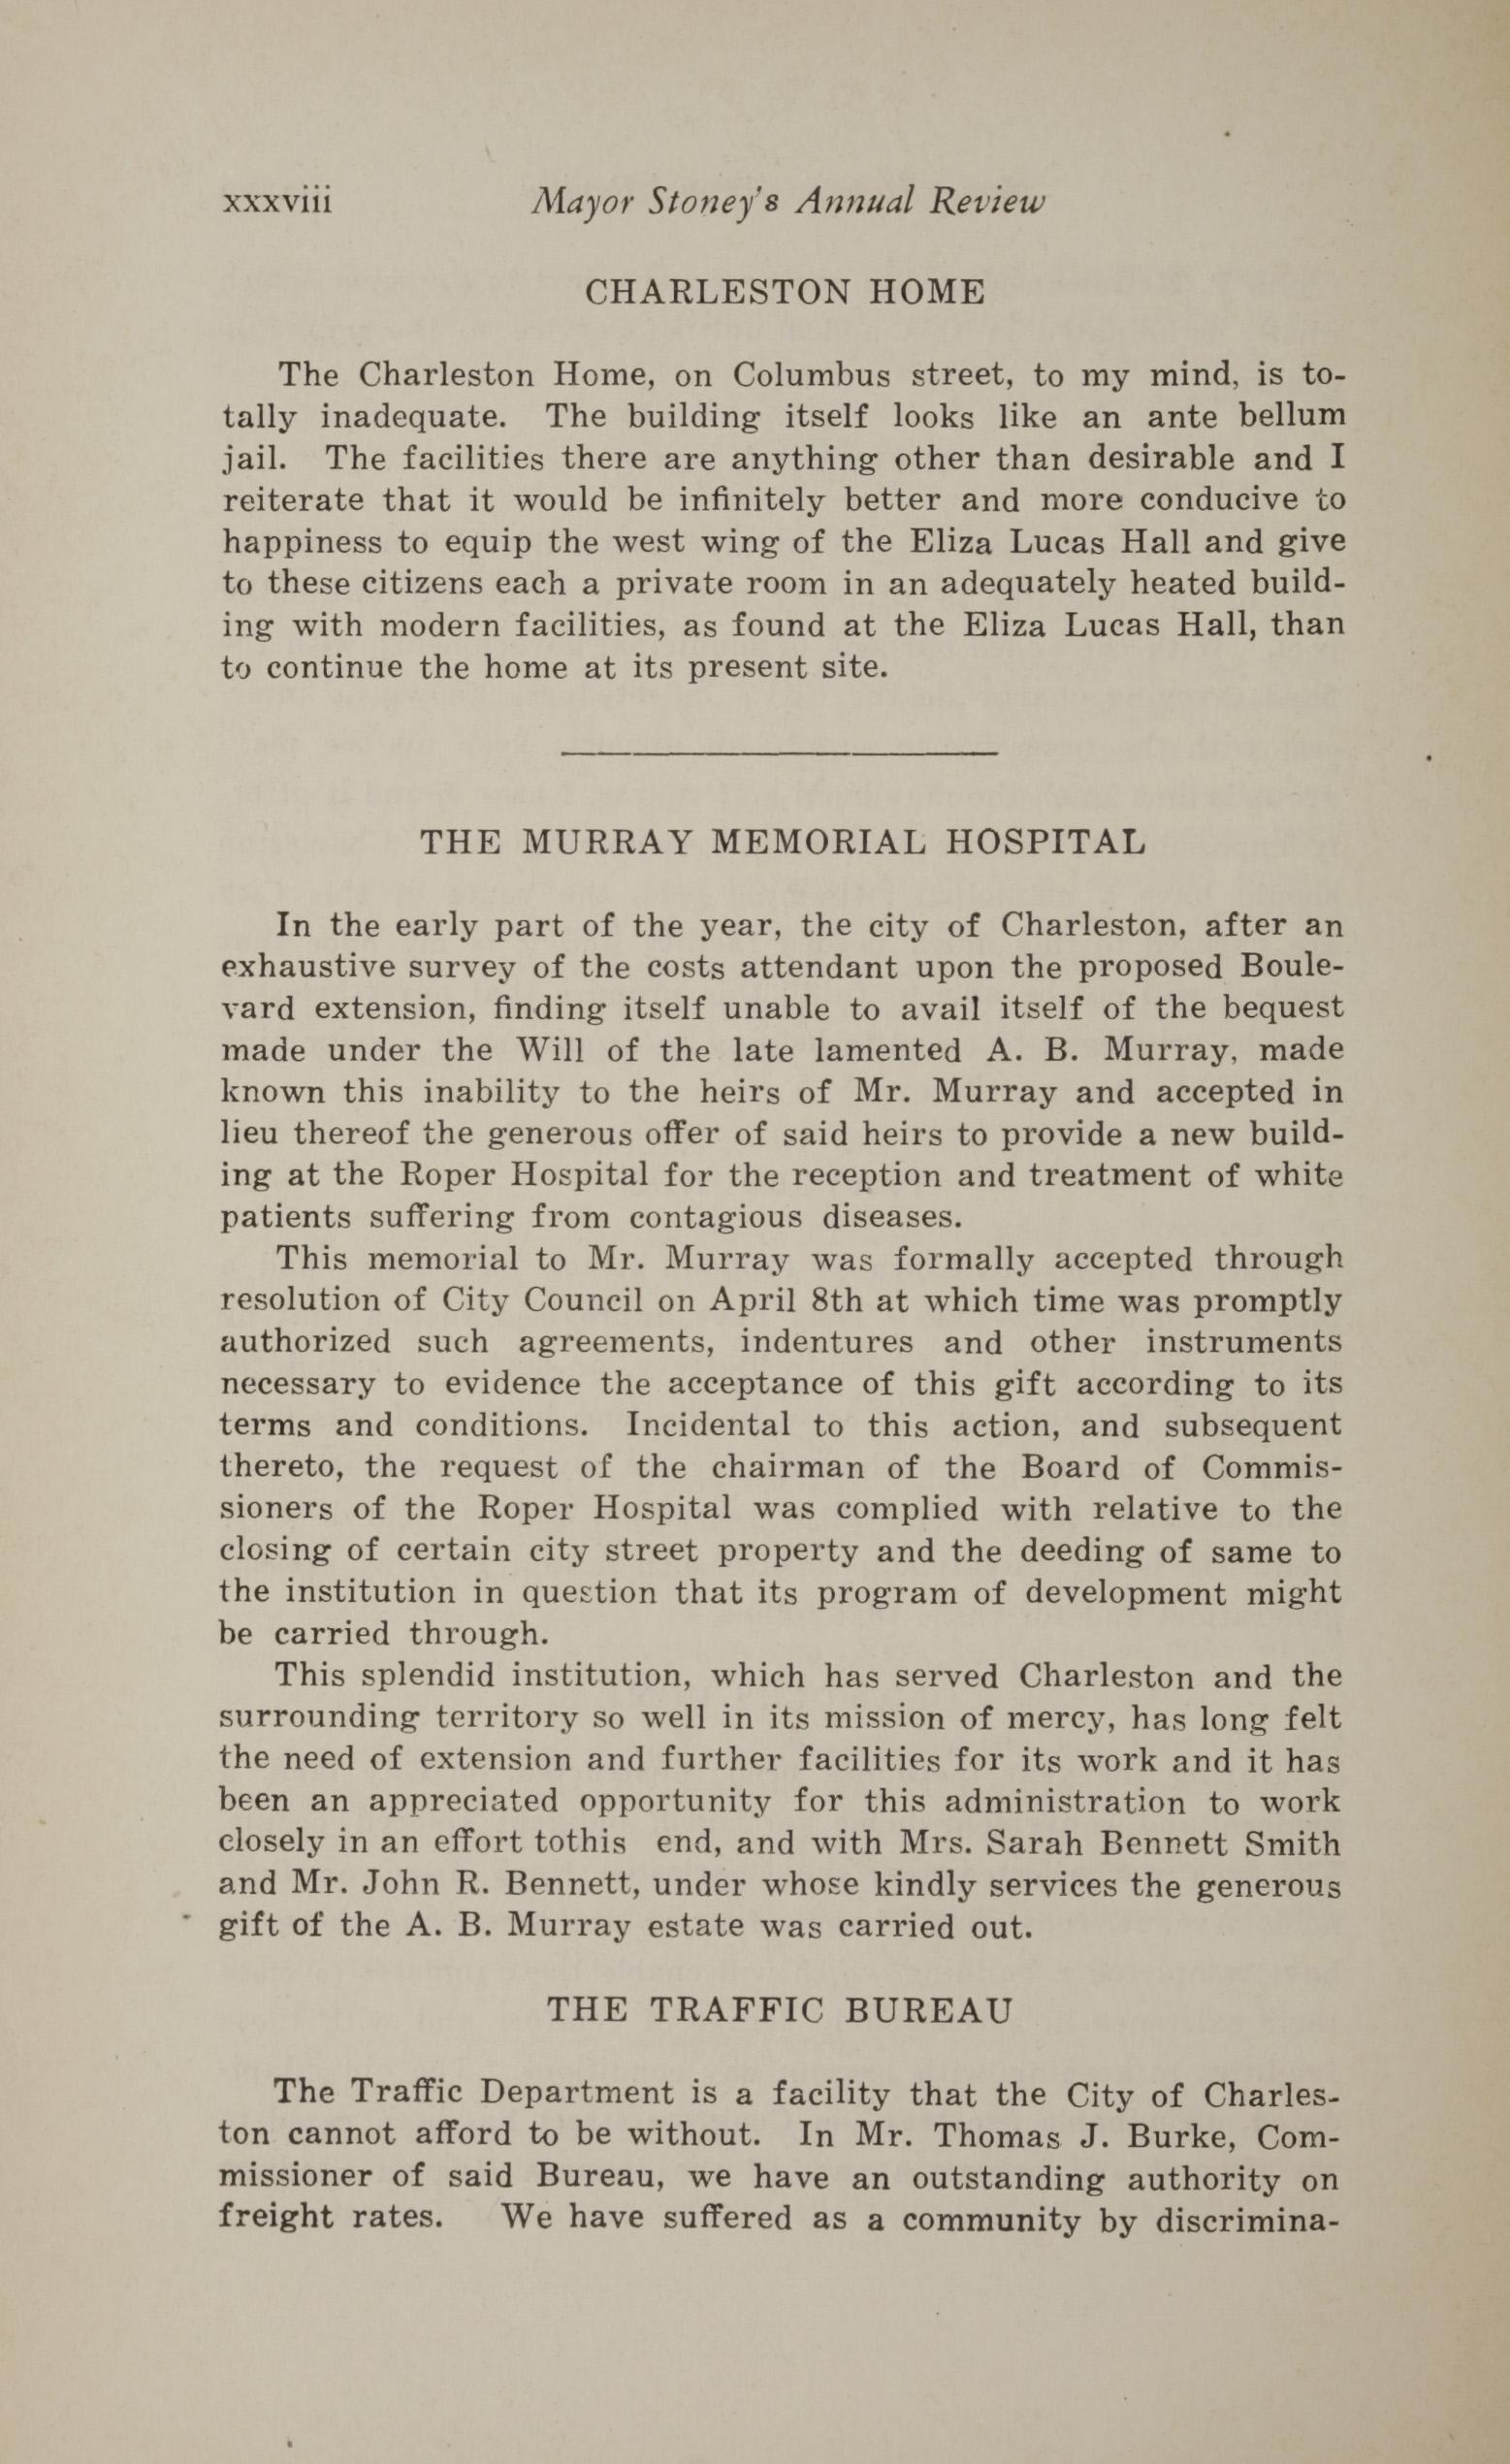 Charleston Yearbook, 1930, page xxxviii